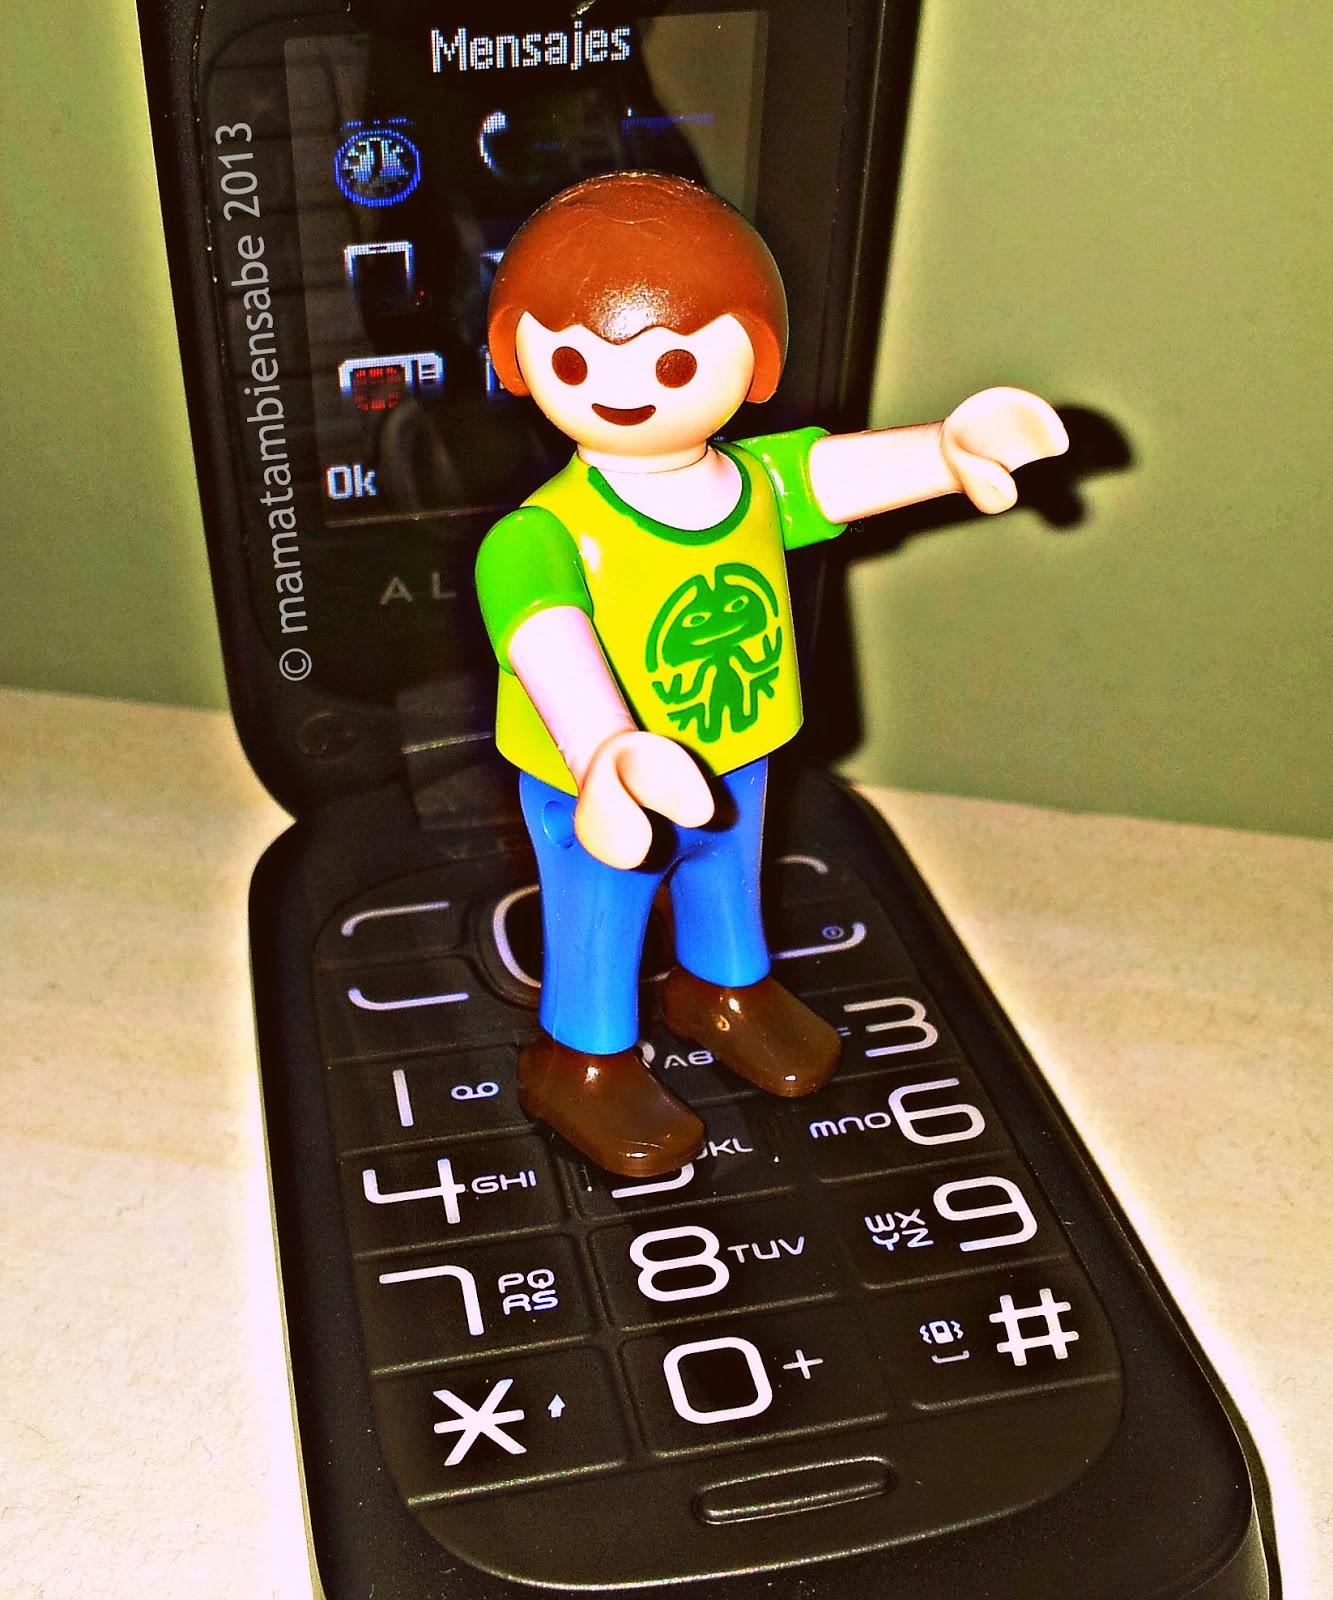 Móvil o celular para llamar o aparato digital para la familia